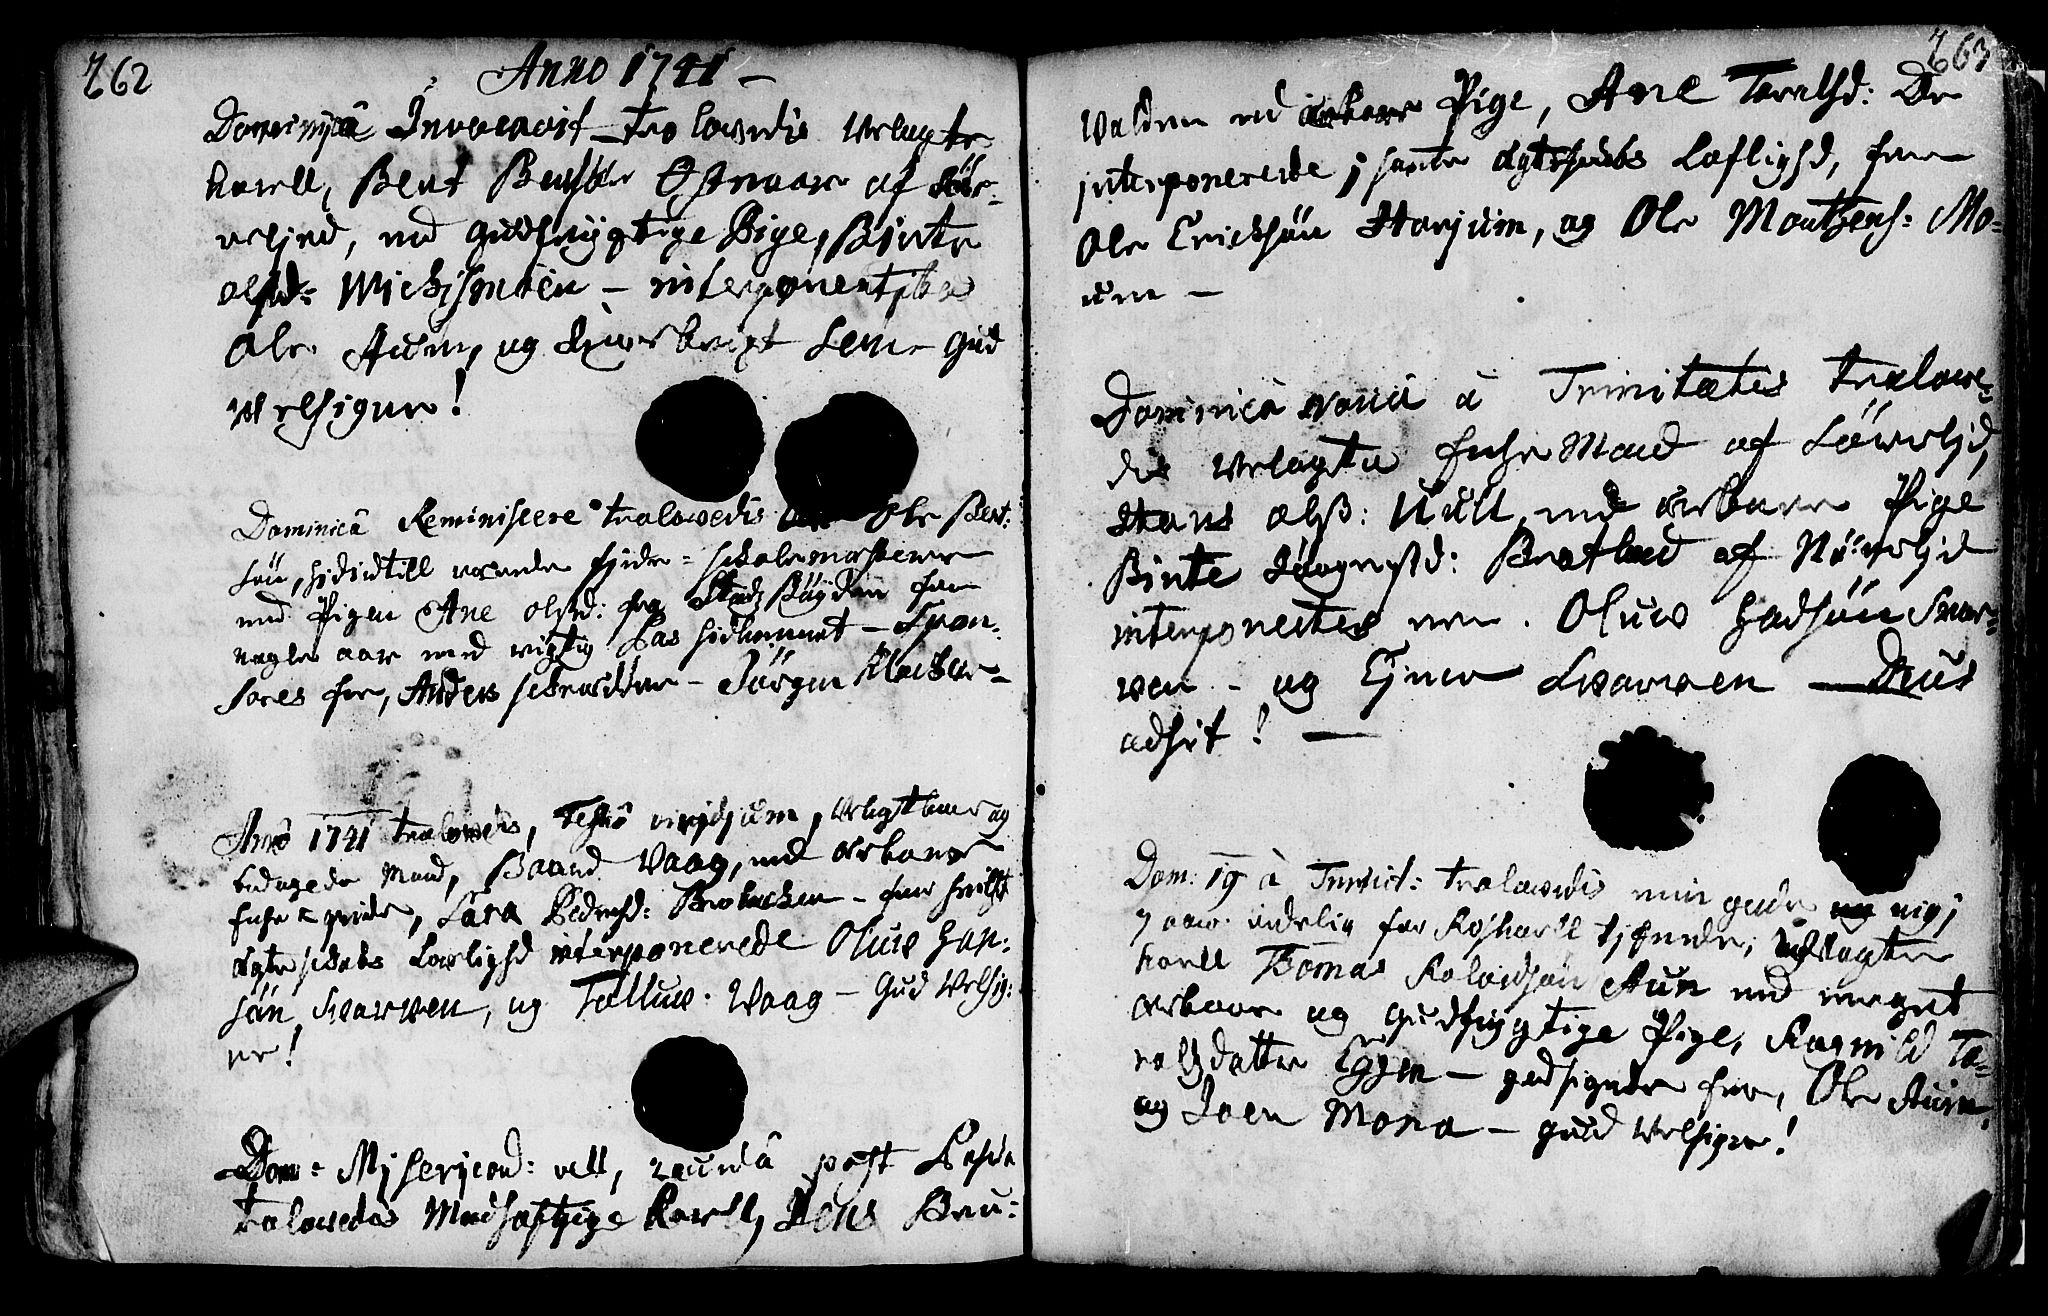 SAT, Ministerialprotokoller, klokkerbøker og fødselsregistre - Nord-Trøndelag, 749/L0467: Ministerialbok nr. 749A01, 1733-1787, s. 262-263